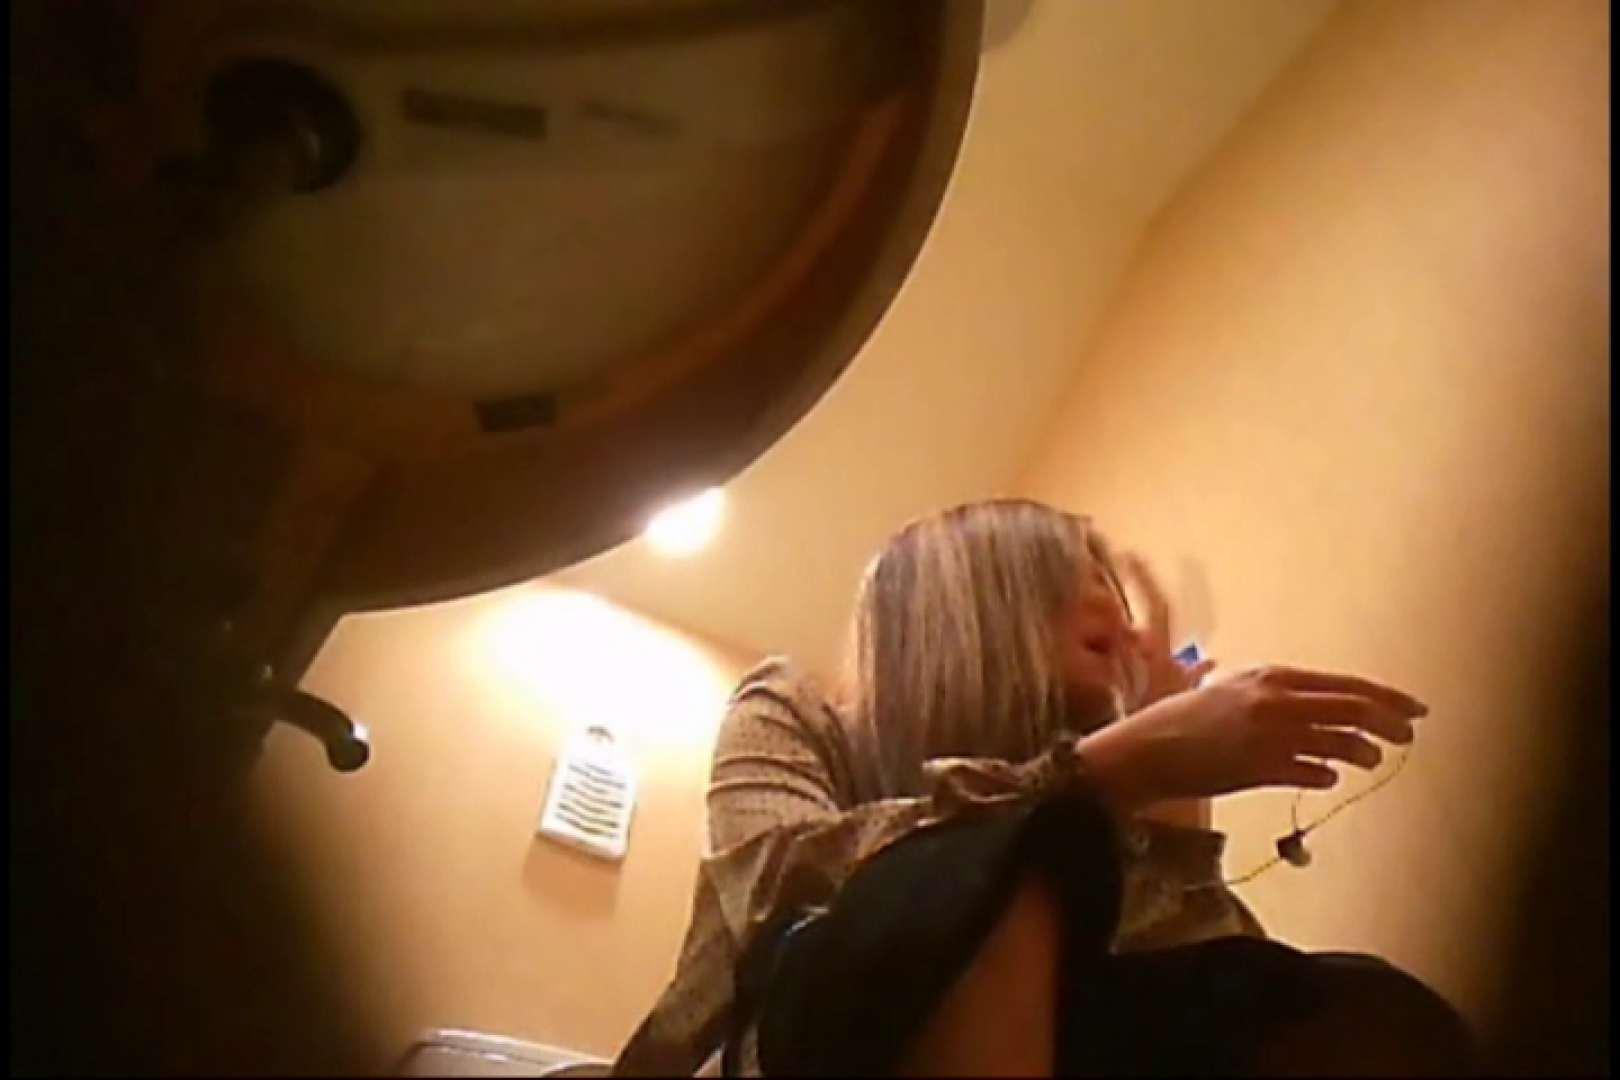 潜入!!女子化粧室盗撮~絶対見られたくない時間~vo,111 熟女 セックス無修正動画無料 100画像 88